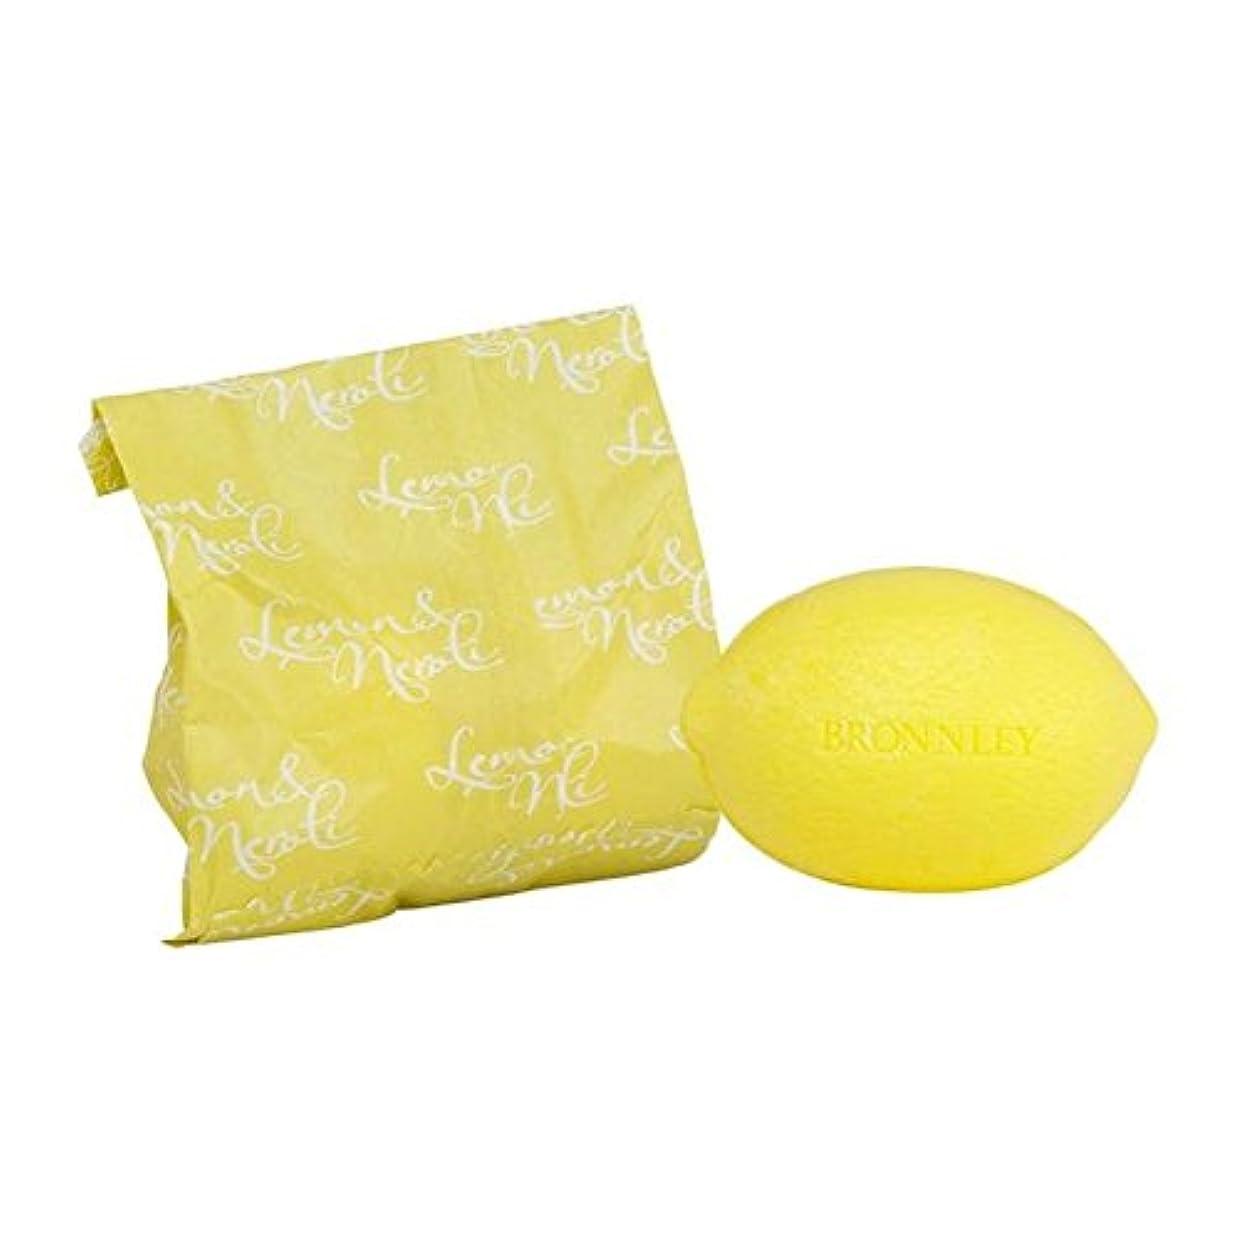 味付け特権ねばねばBronnley Lemon & Neroli Soap 100g (Pack of 6) - レモン&ネロリ石鹸100グラム x6 [並行輸入品]